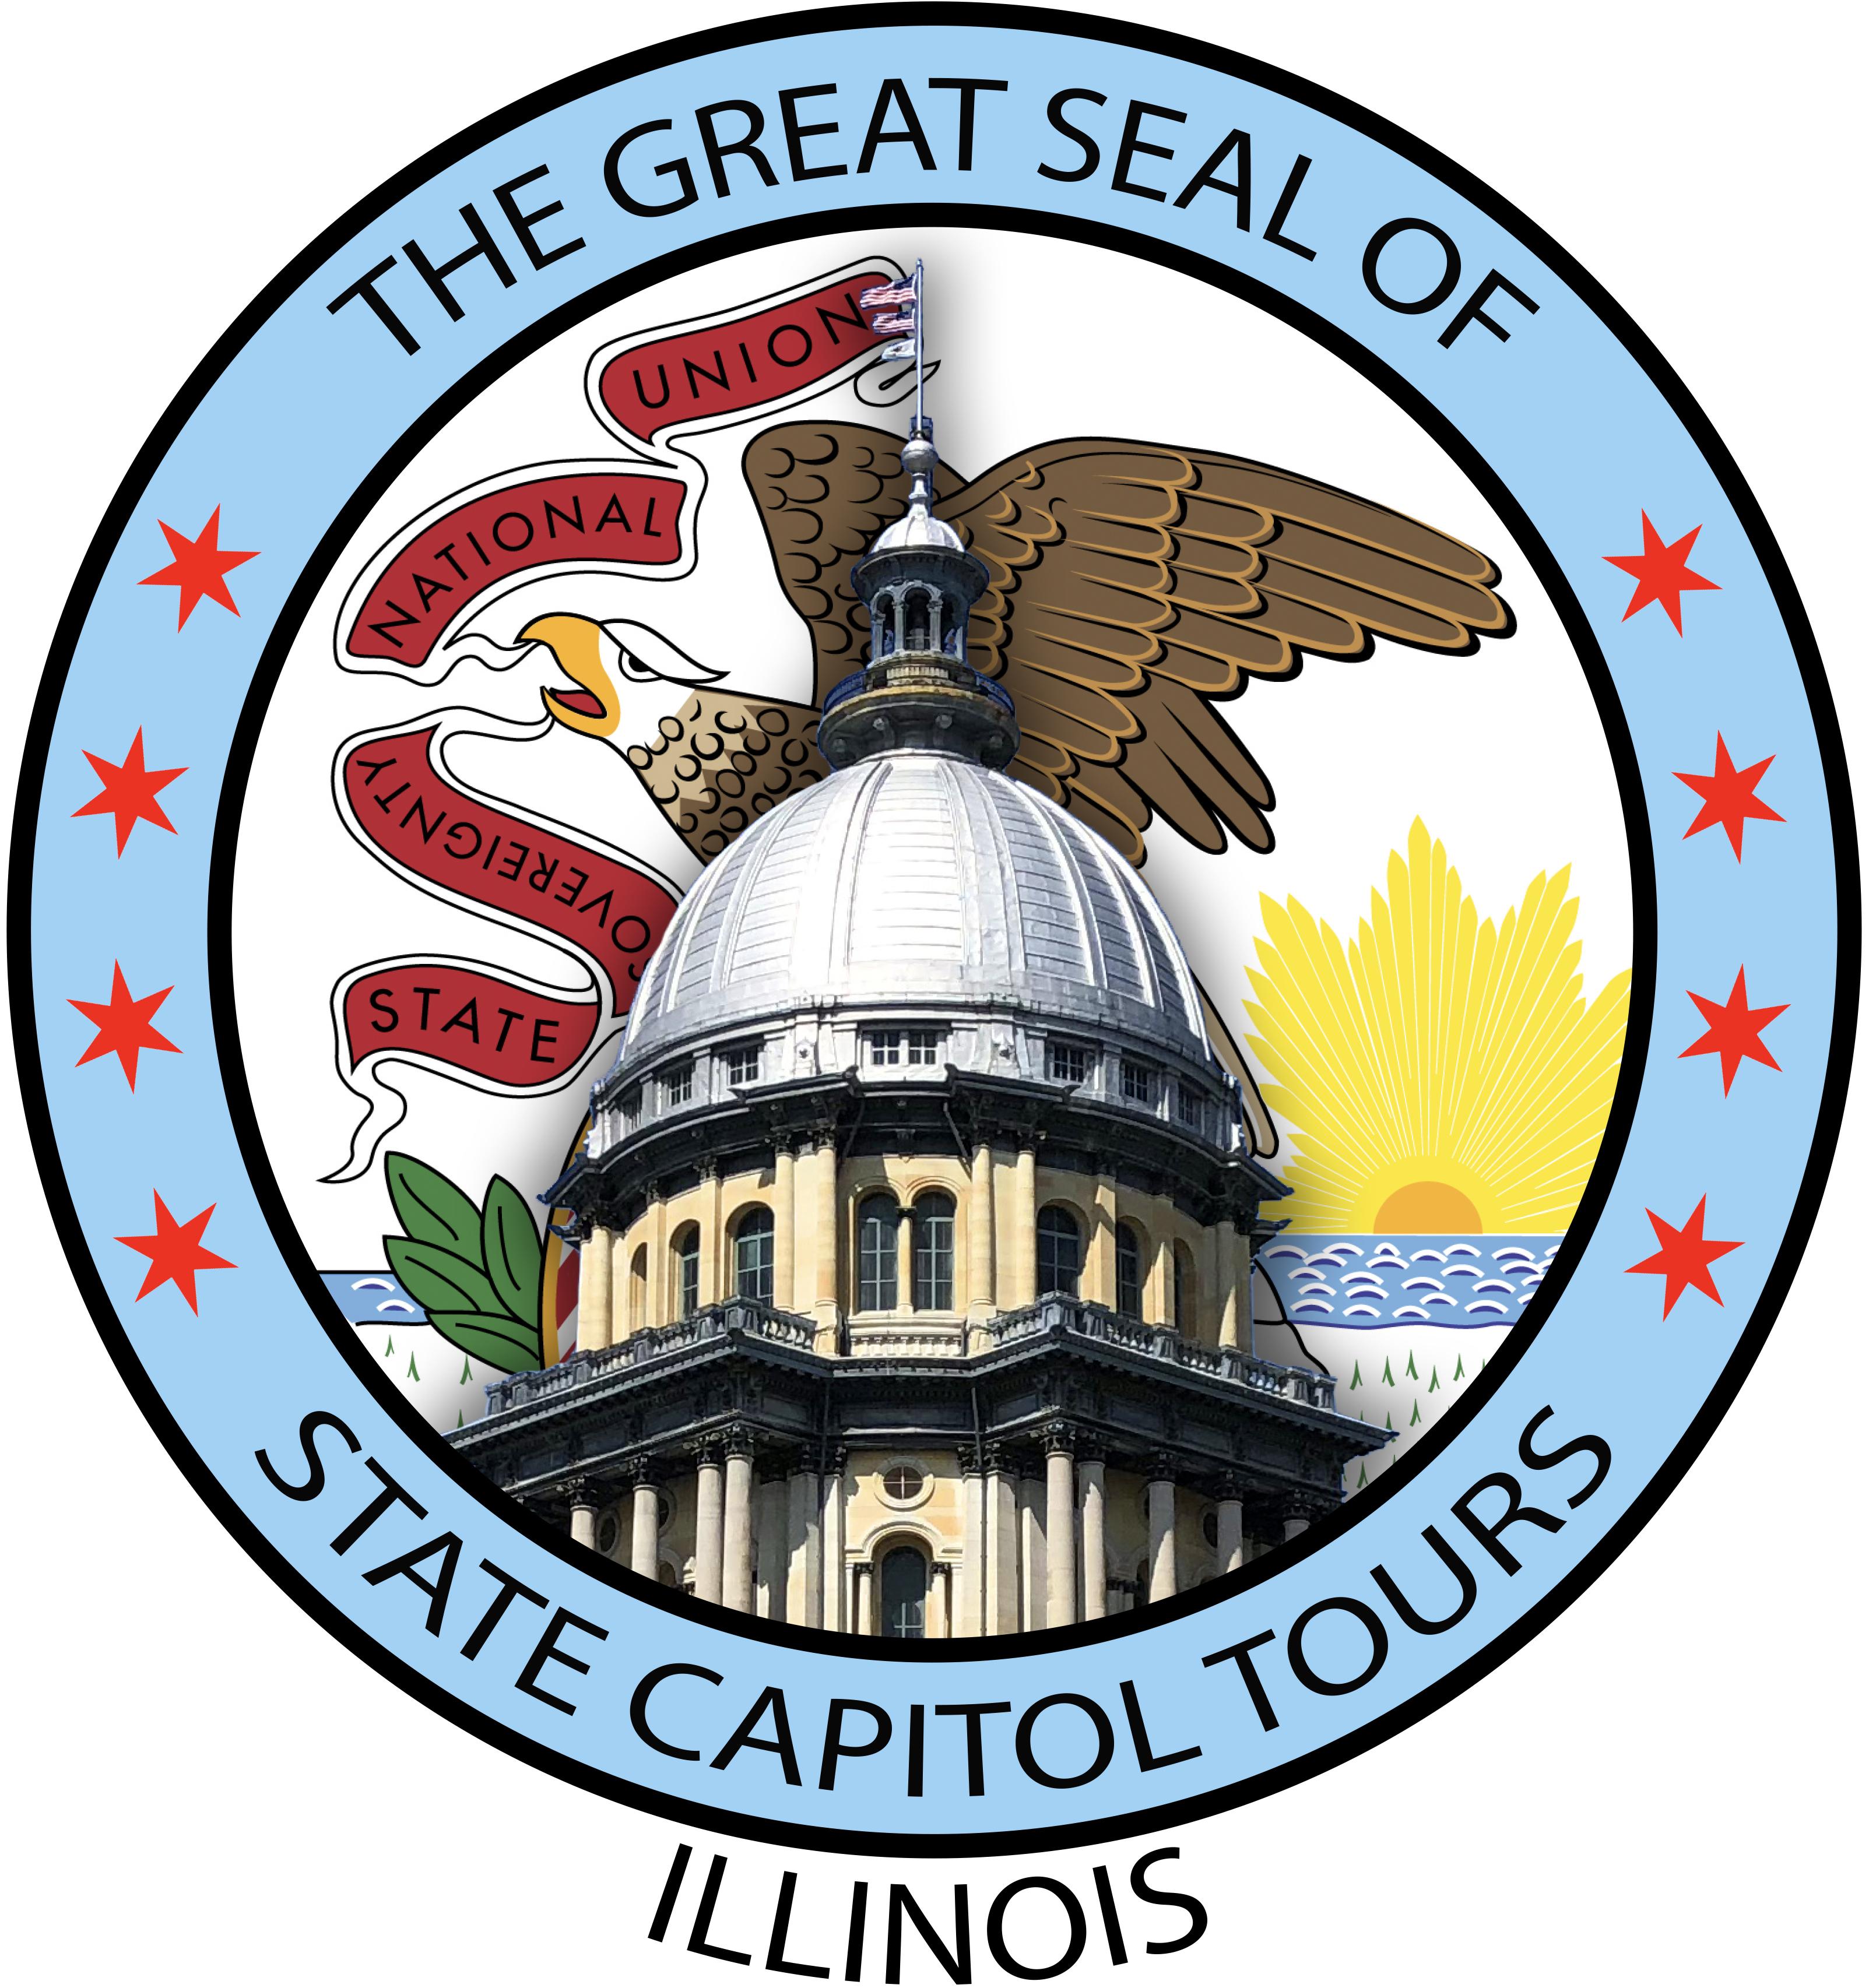 StateCapitalTours_Illinois